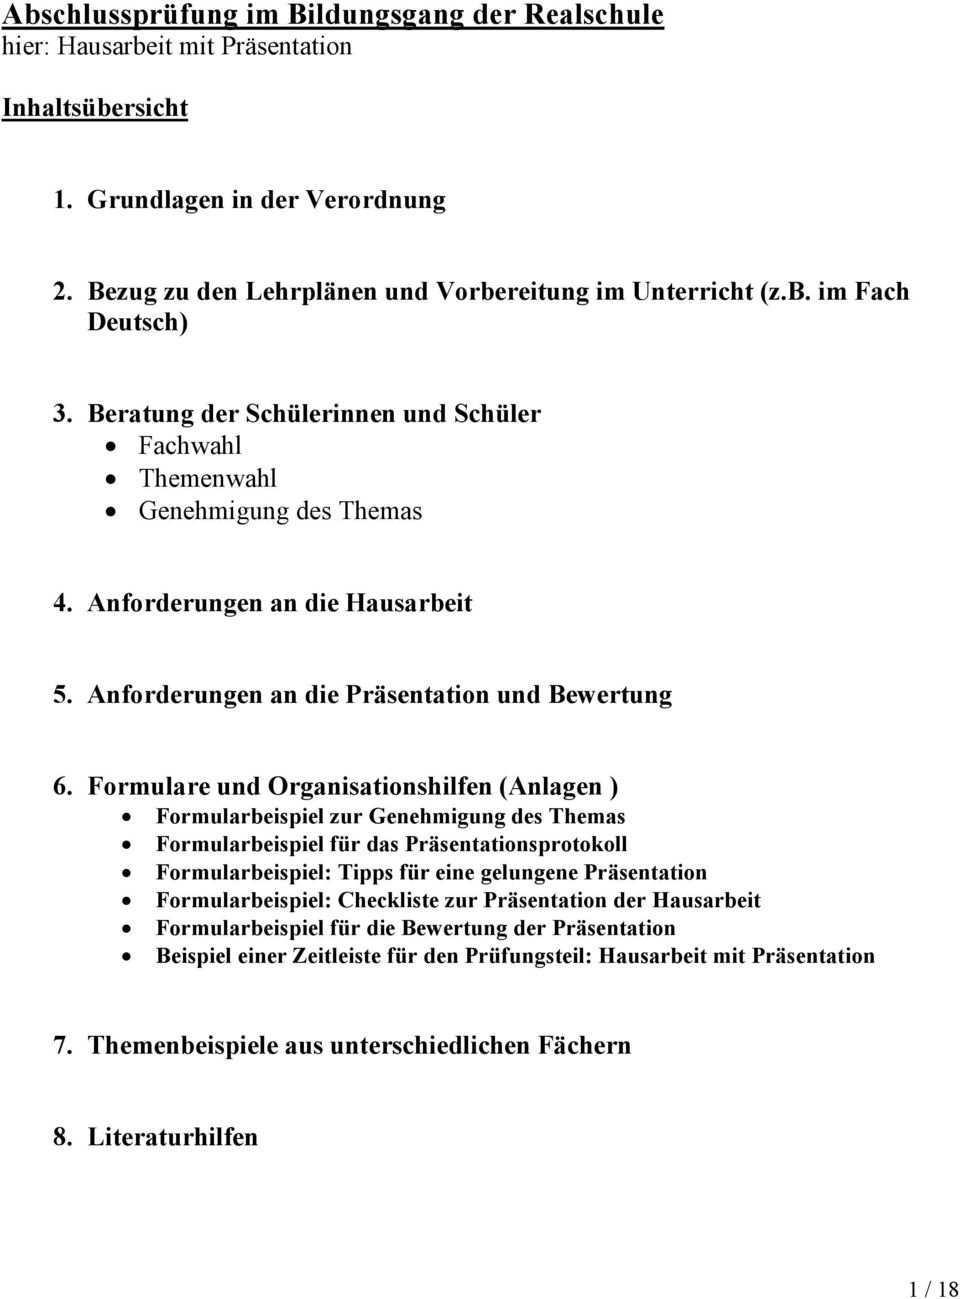 Abschlussprufung Im Bildungsgang Der Realschule Hier Hausarbeit Mit Prasentation Pdf Kostenfreier Download